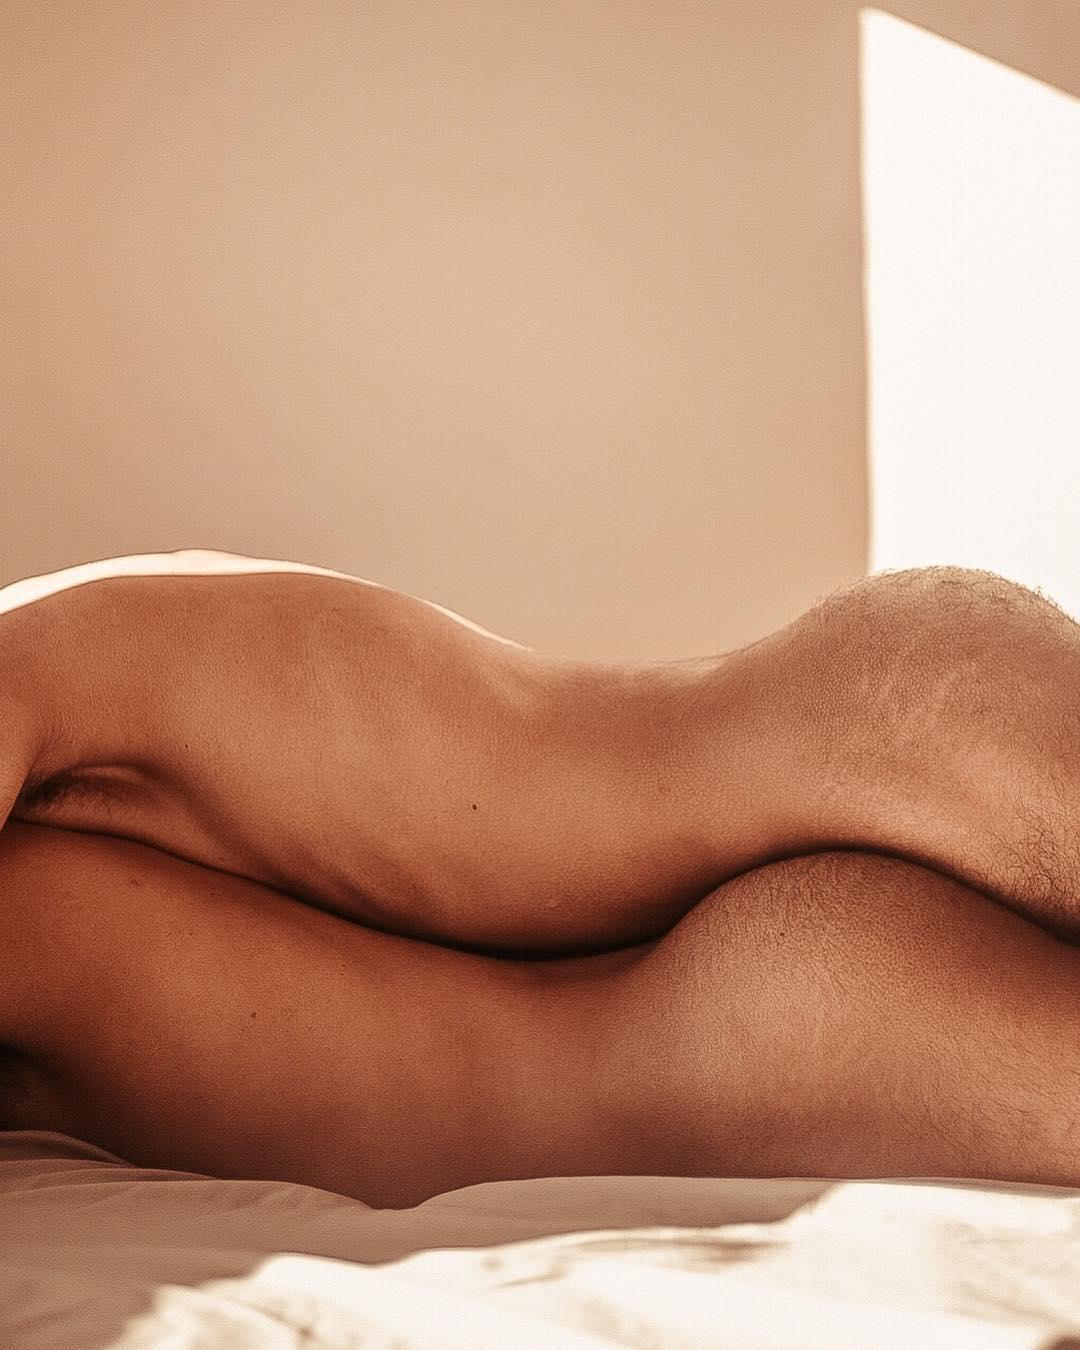 Non solo corpi, gli scatti di Junior Rony Hernandes | Collater.al